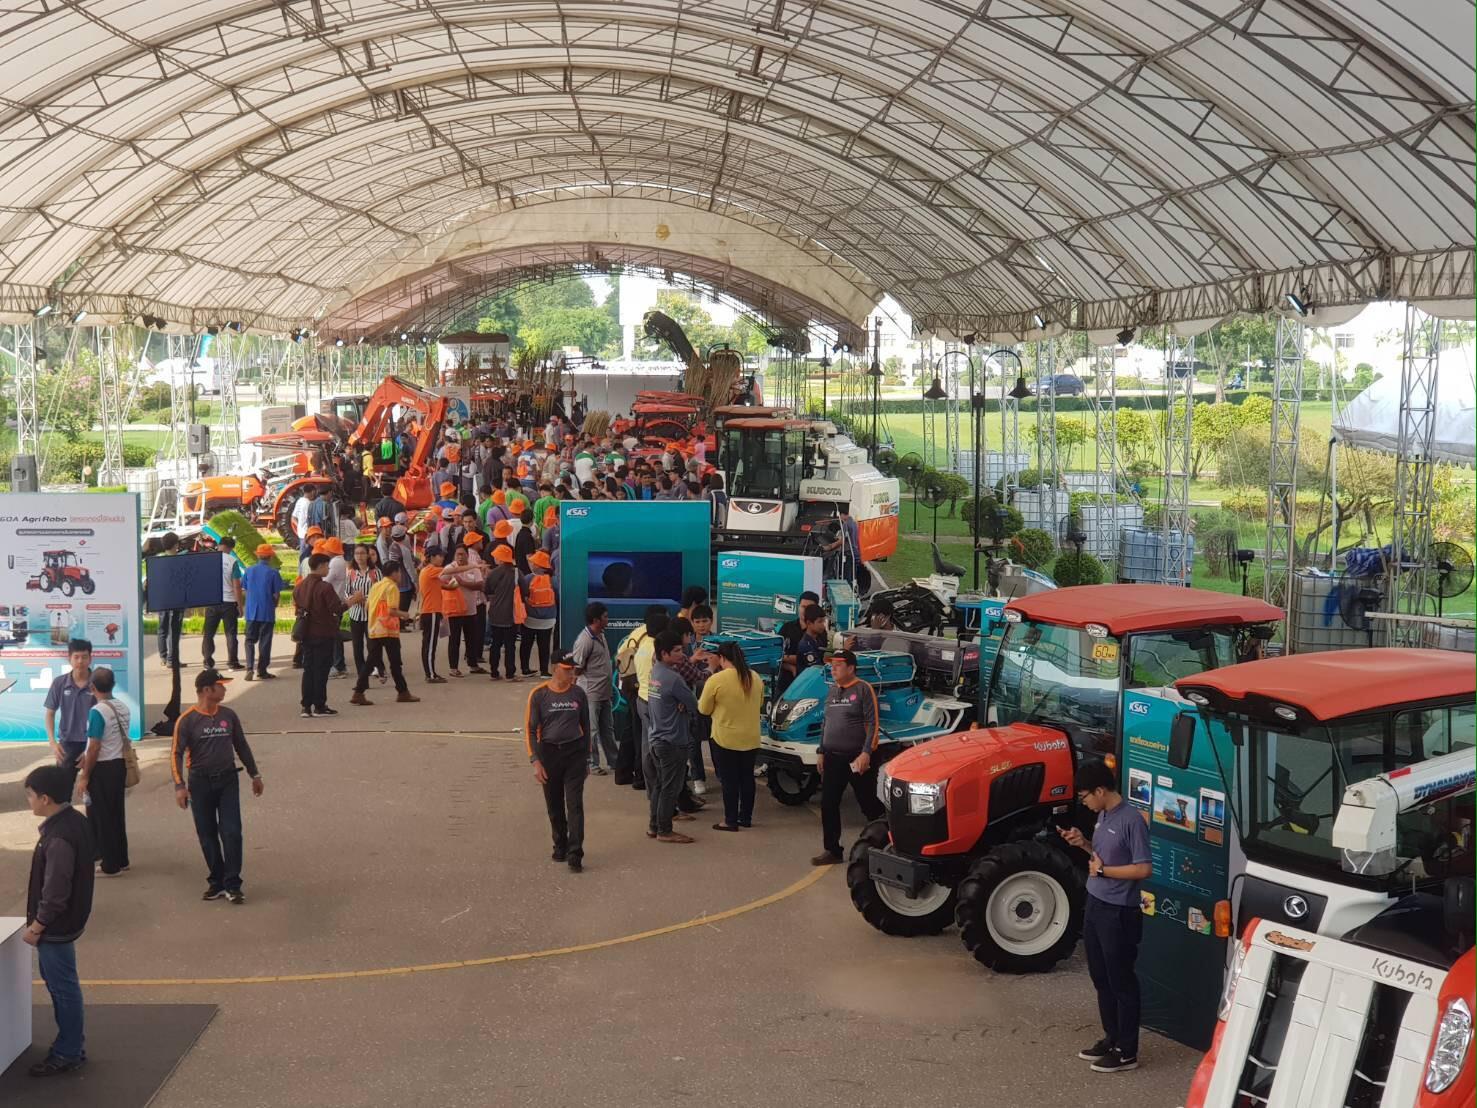 นำนวัตกรรมเครื่องจักรกลเกษตรมาใช้ลดต้นทุนการผลิต ตอบโจทย์เกษตร 4.0